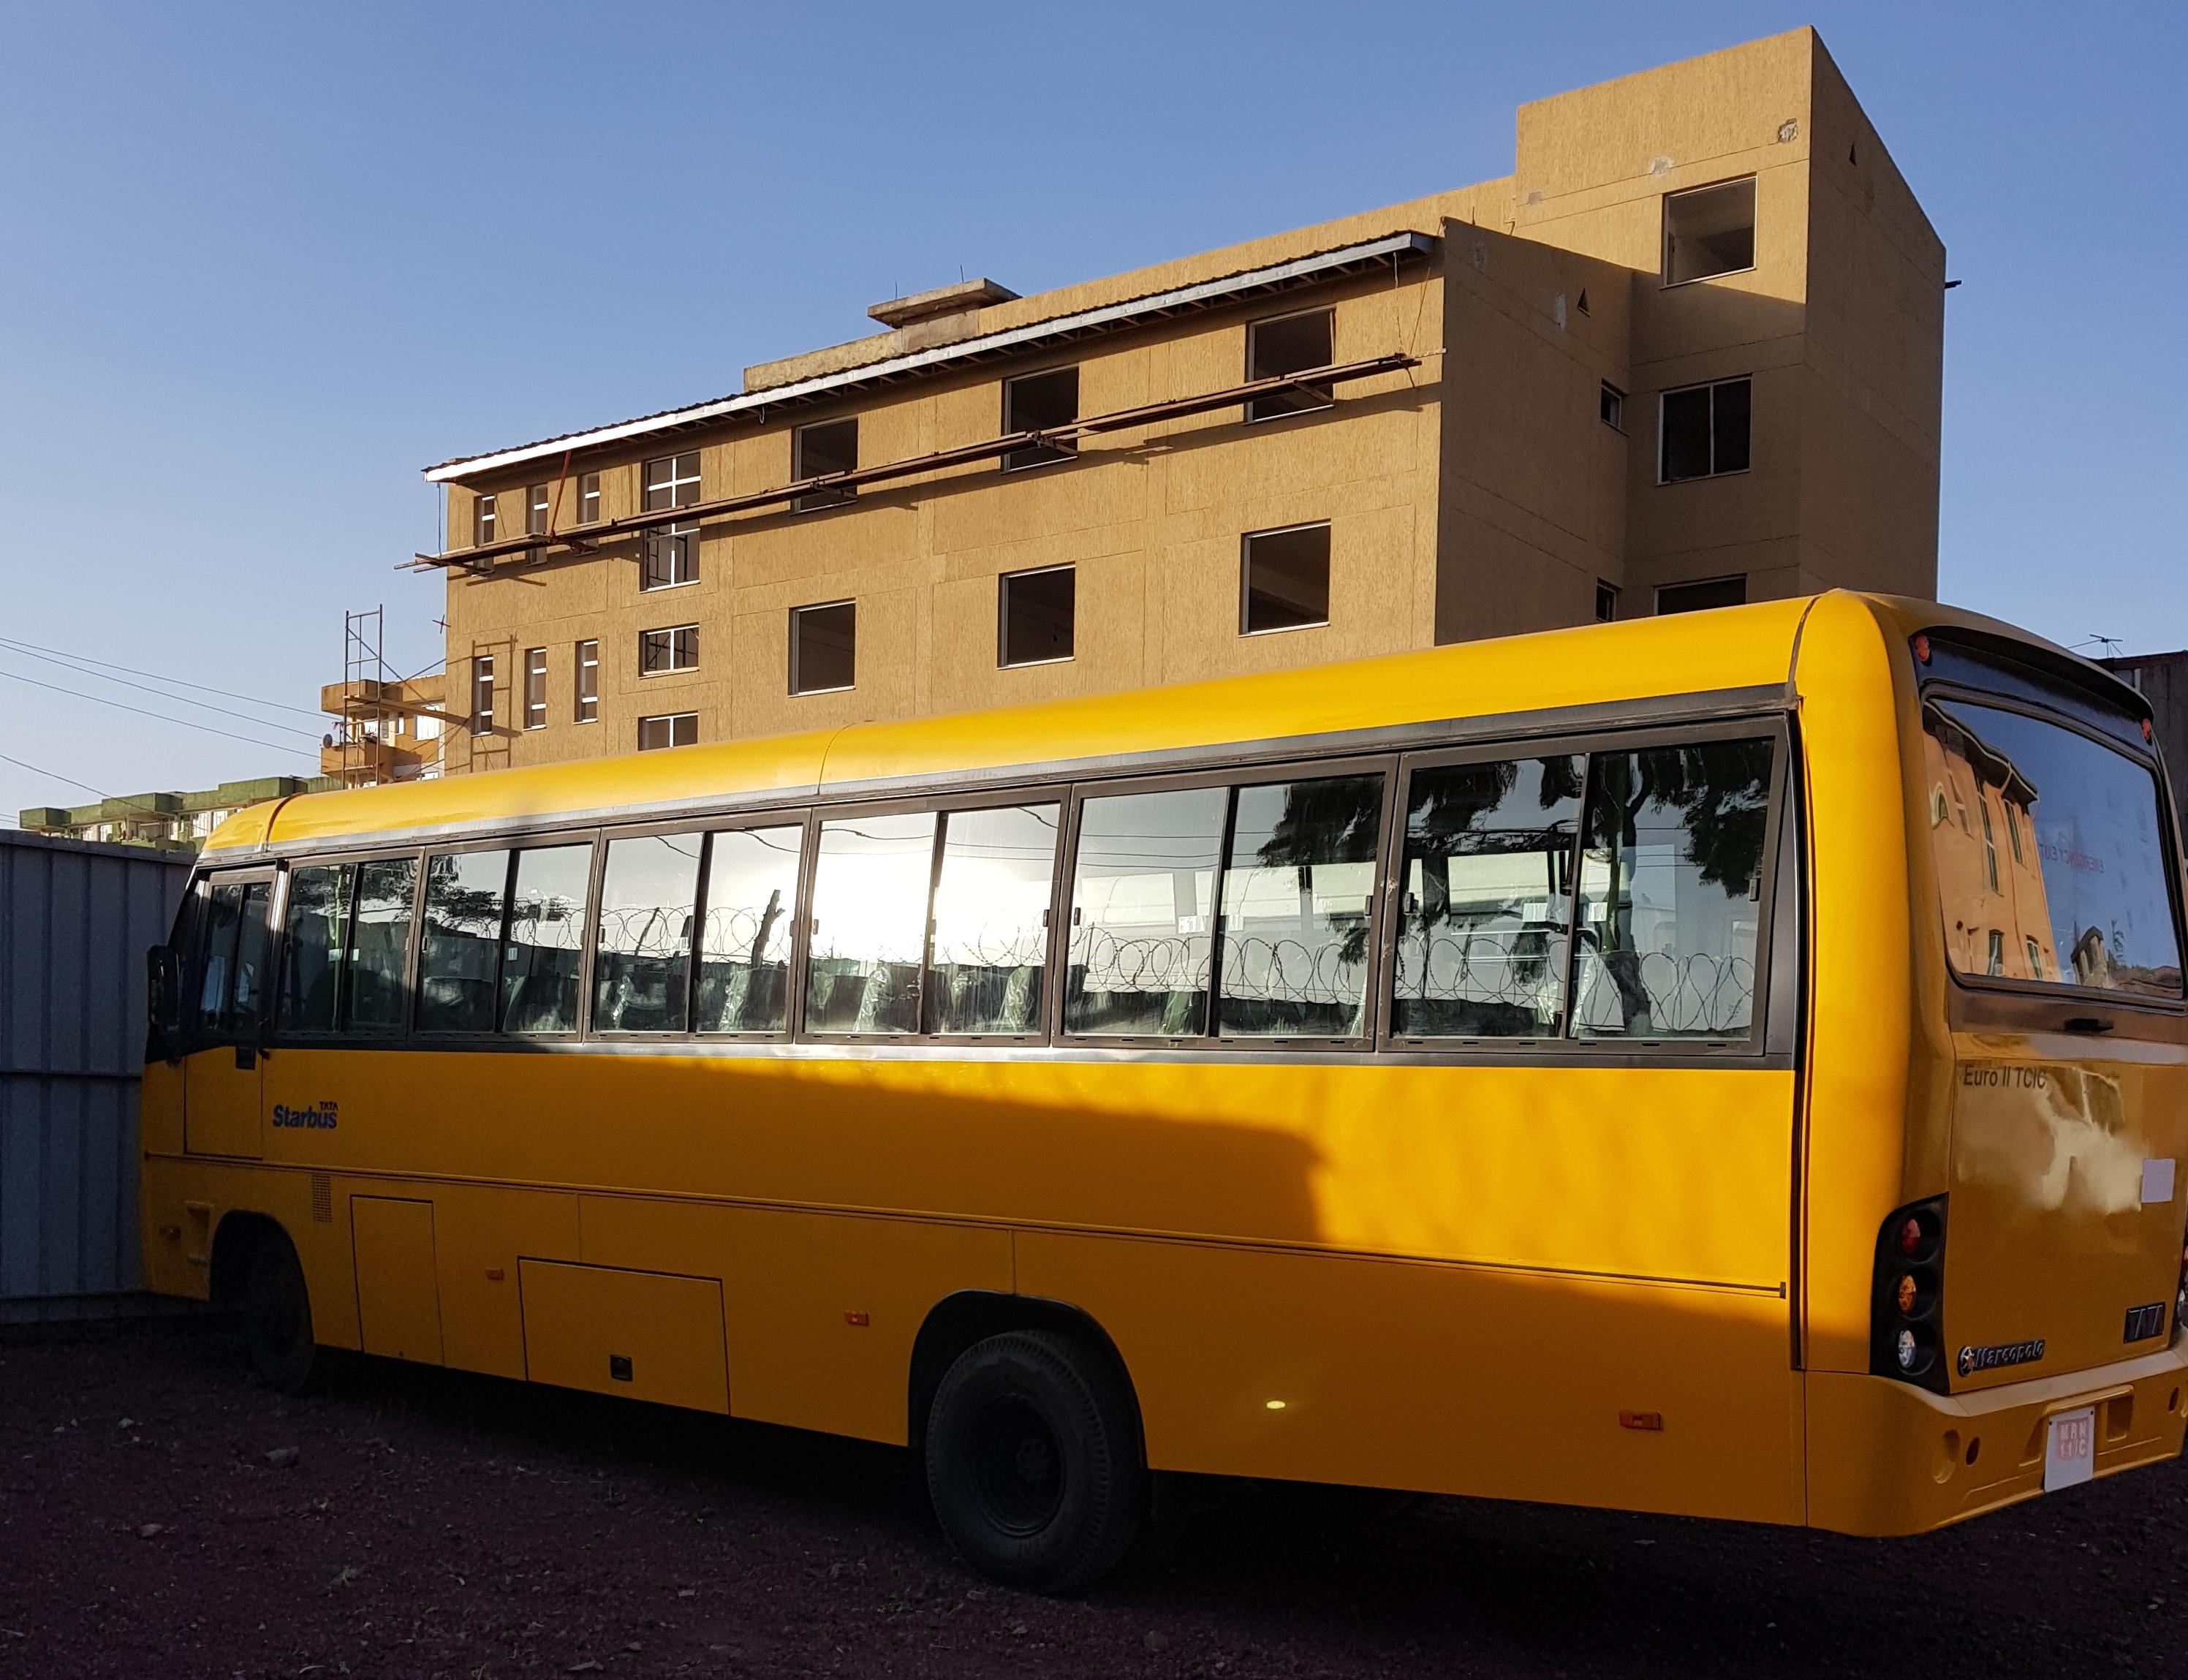 El autobús que transporta en Etiopía a mujeres y niños que reciben asistencia